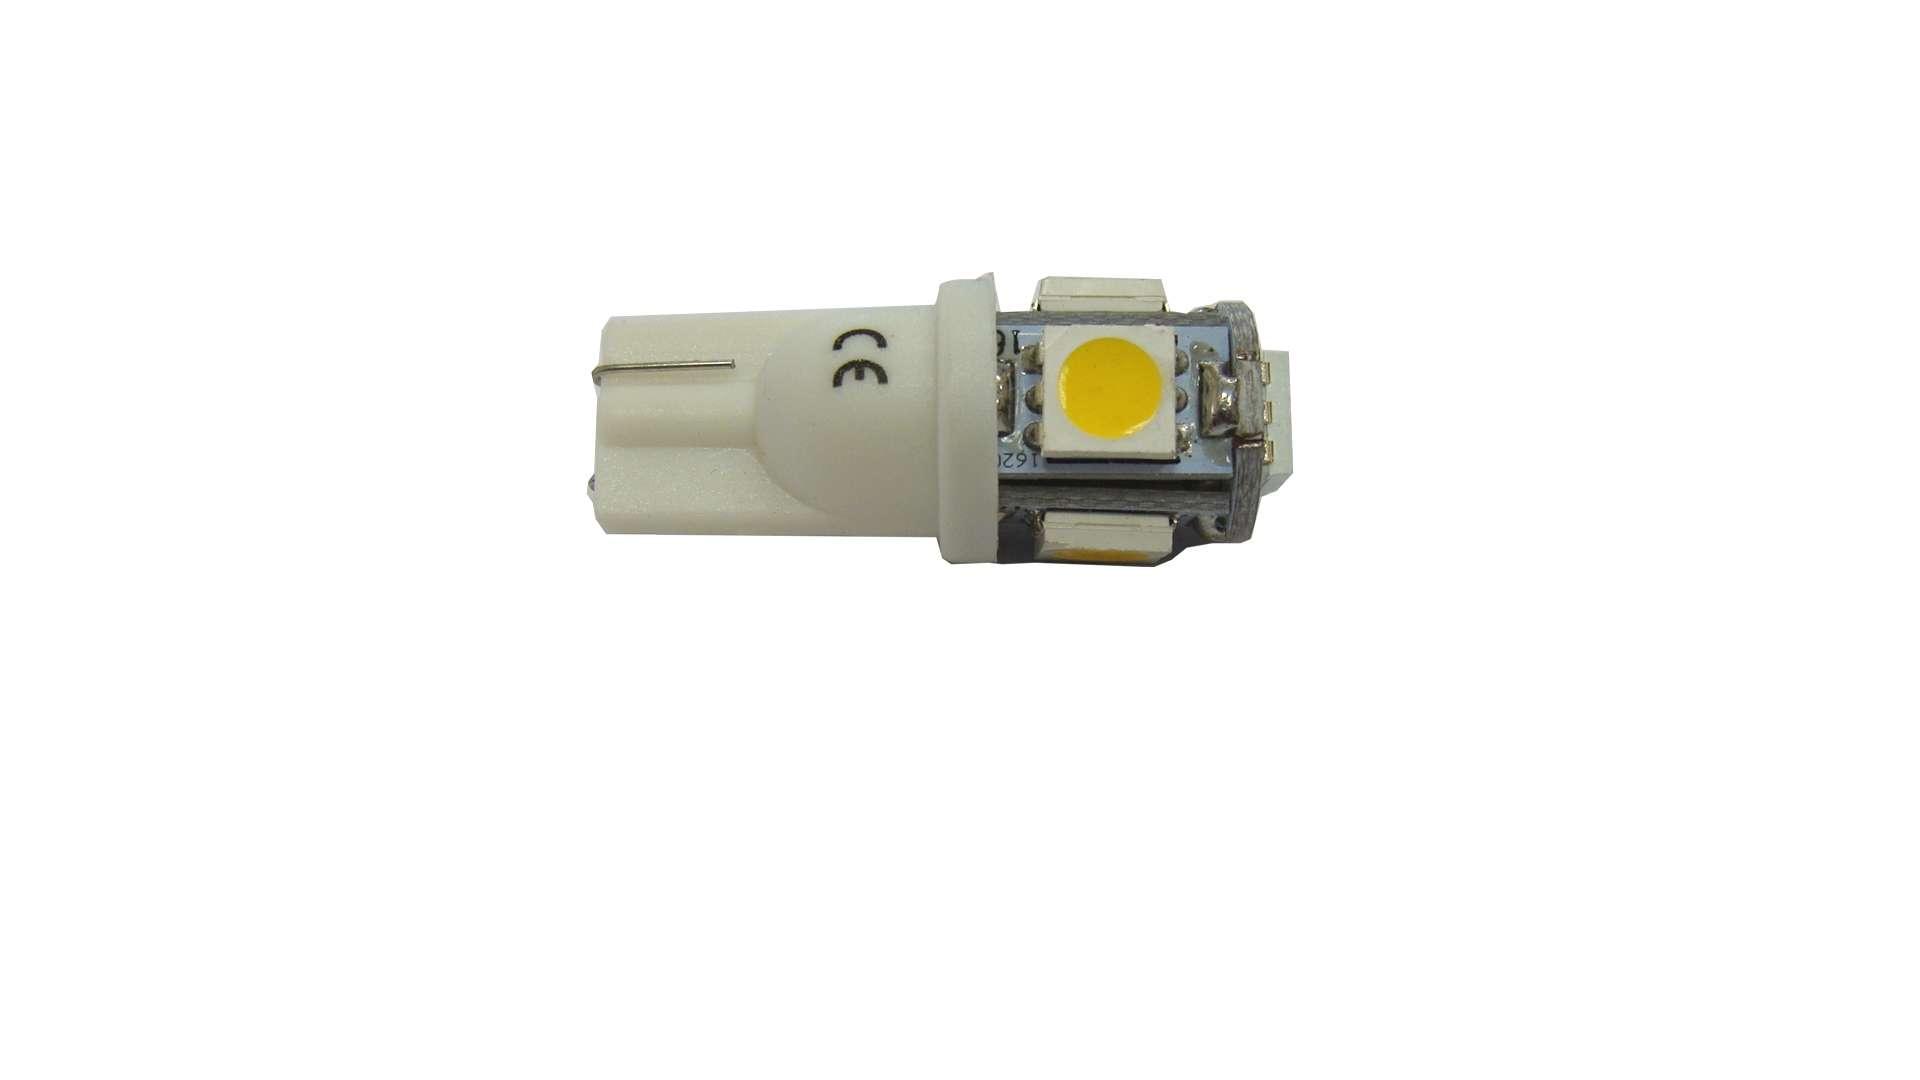 LED LED W5W 5x5050 SMD 12V DC Warm white